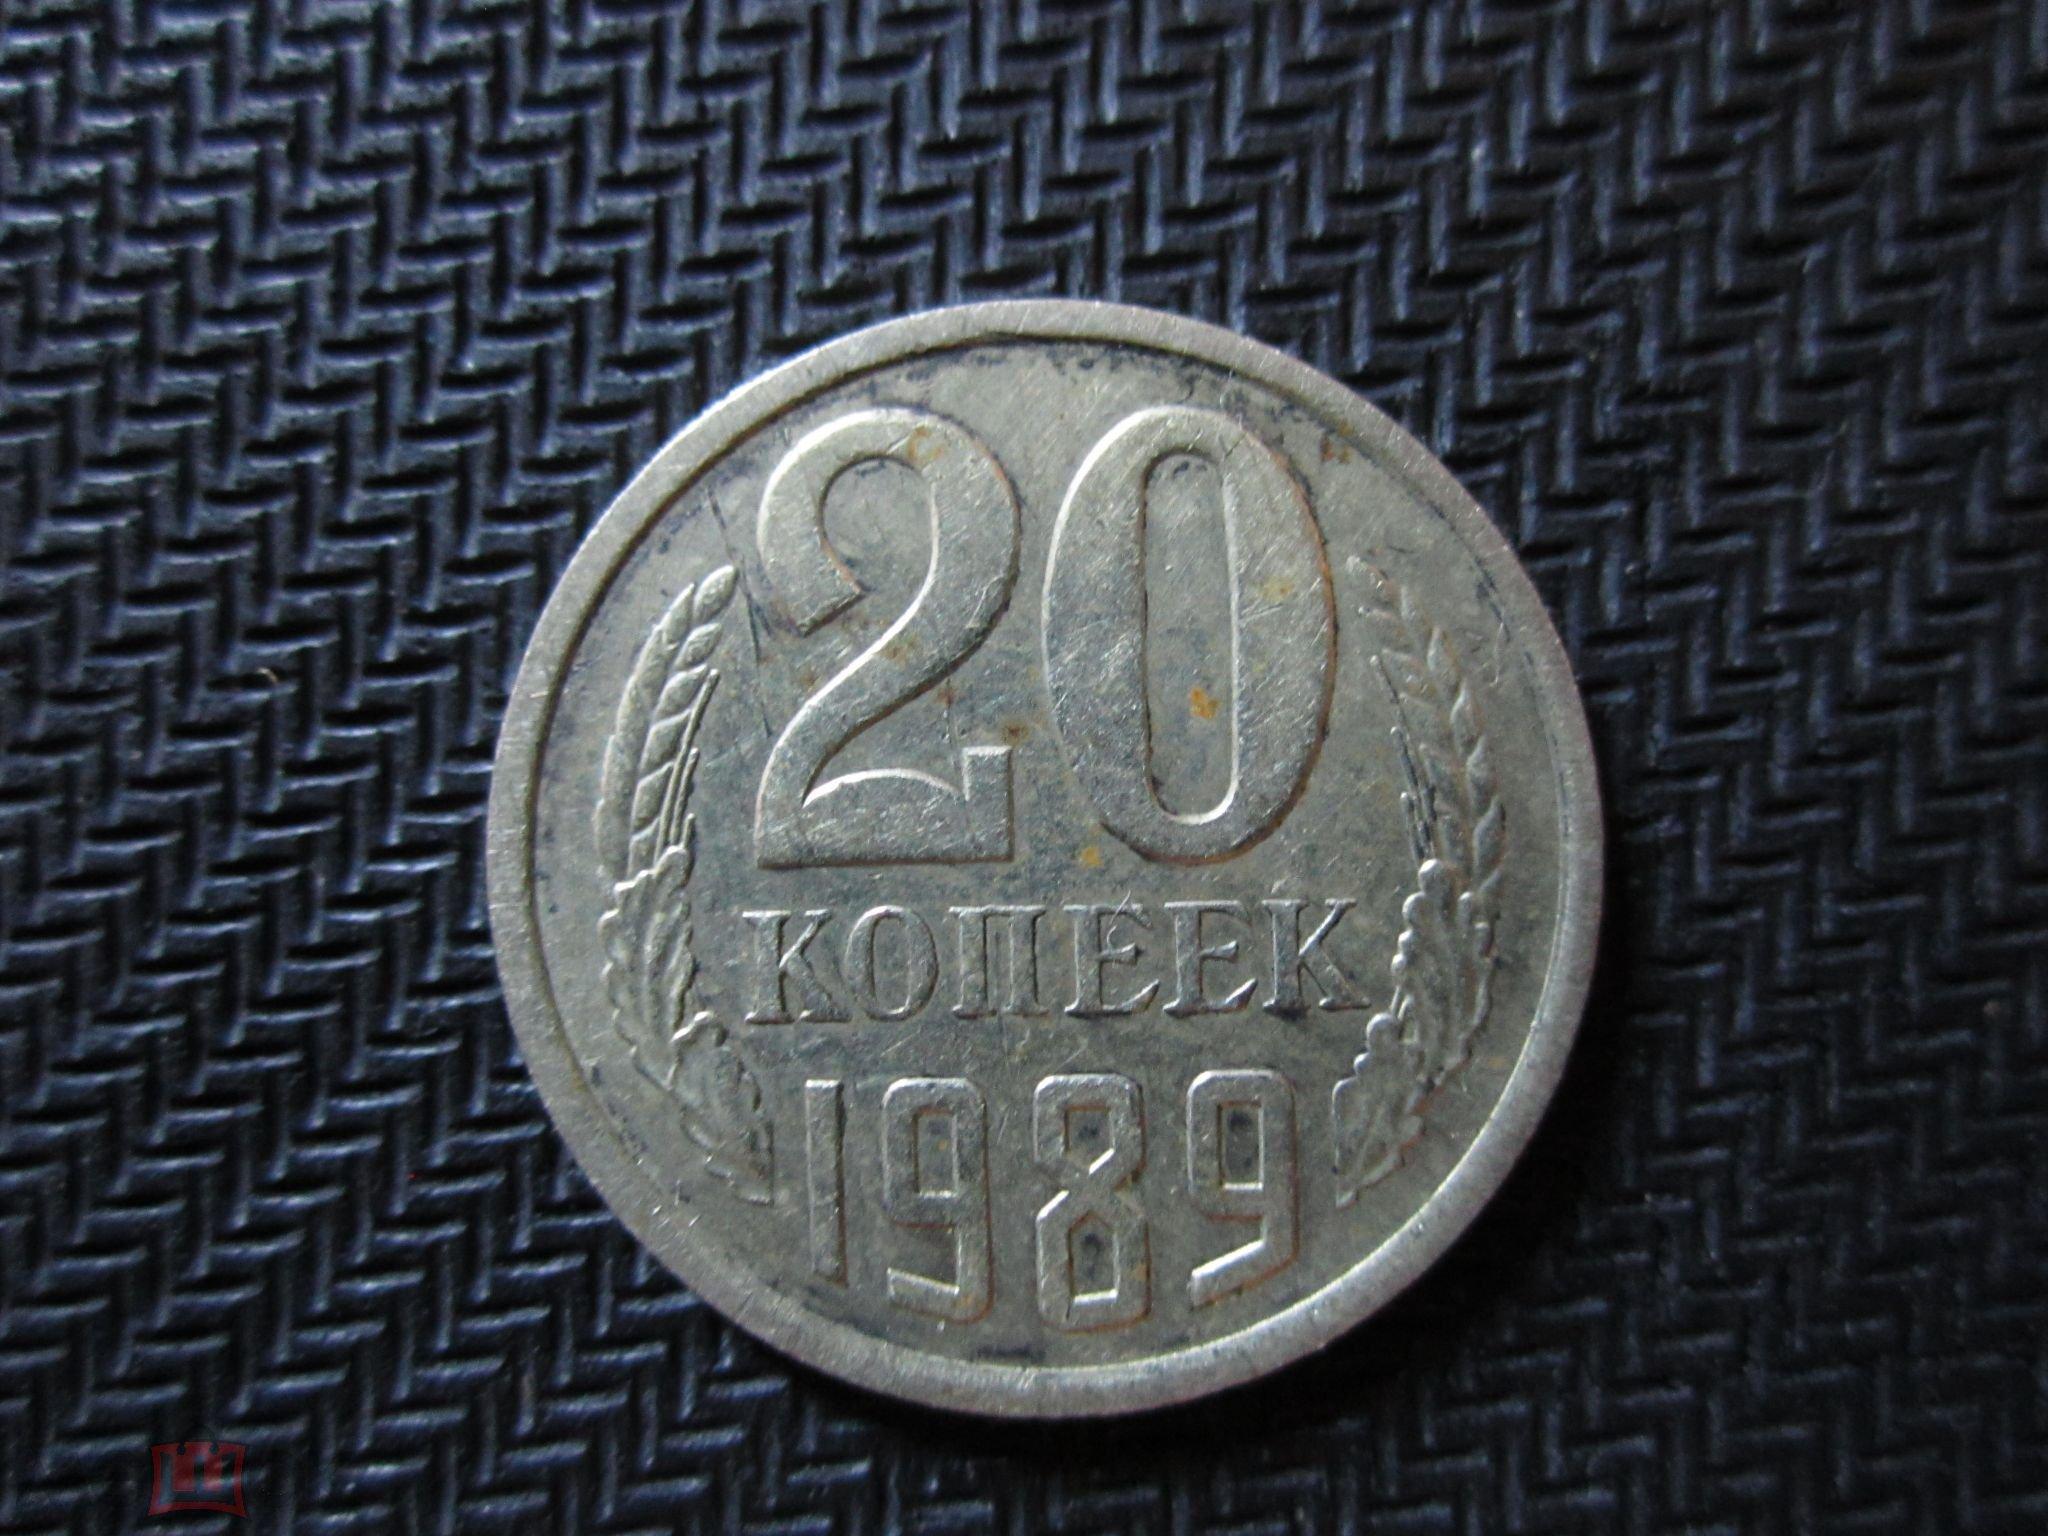 20 КОПЕЕК 1989 ГОДА, СССР, хорошая, МНОГО. лот 173